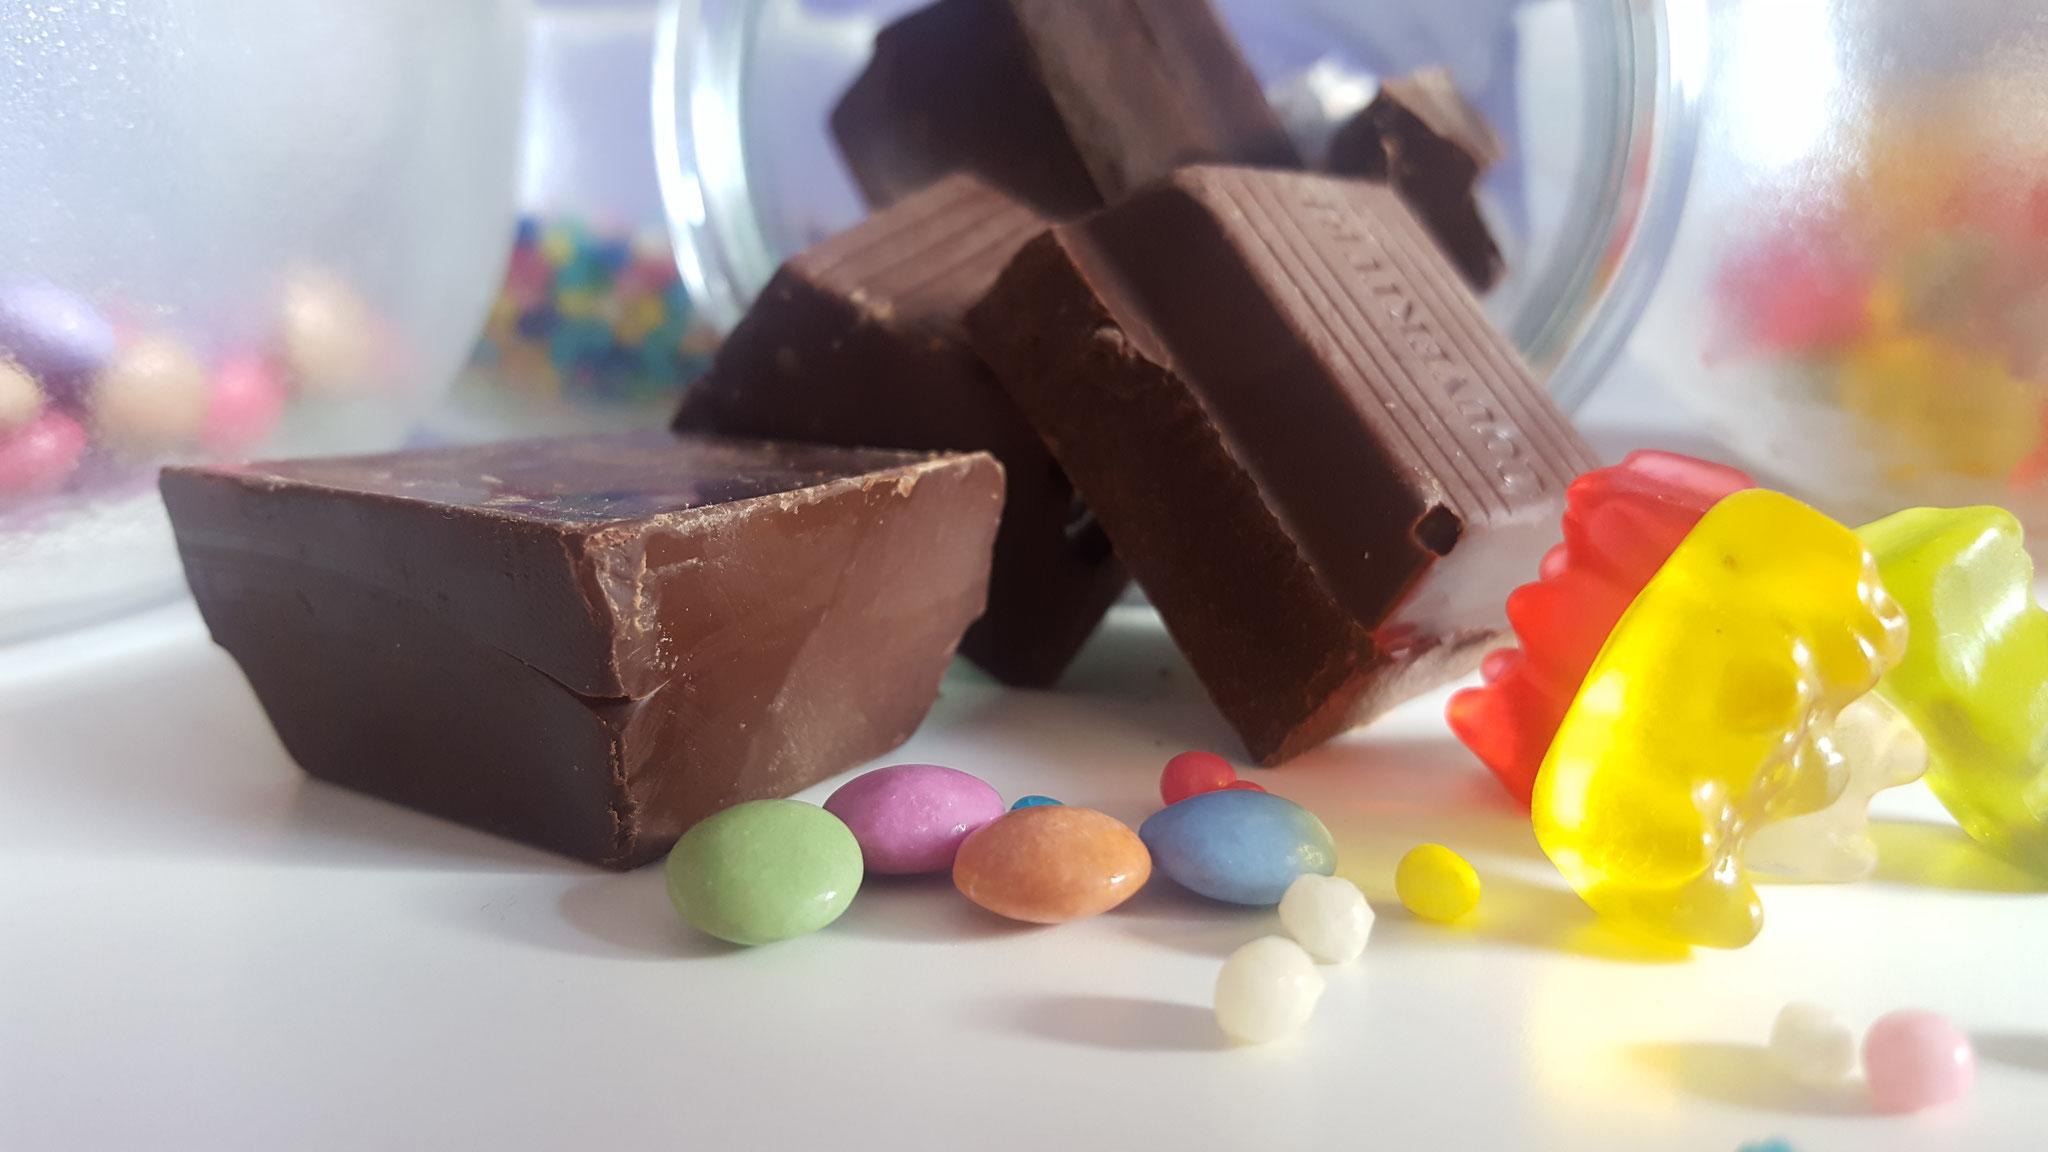 Schokolade und Süßigkeiten für die Dekoration